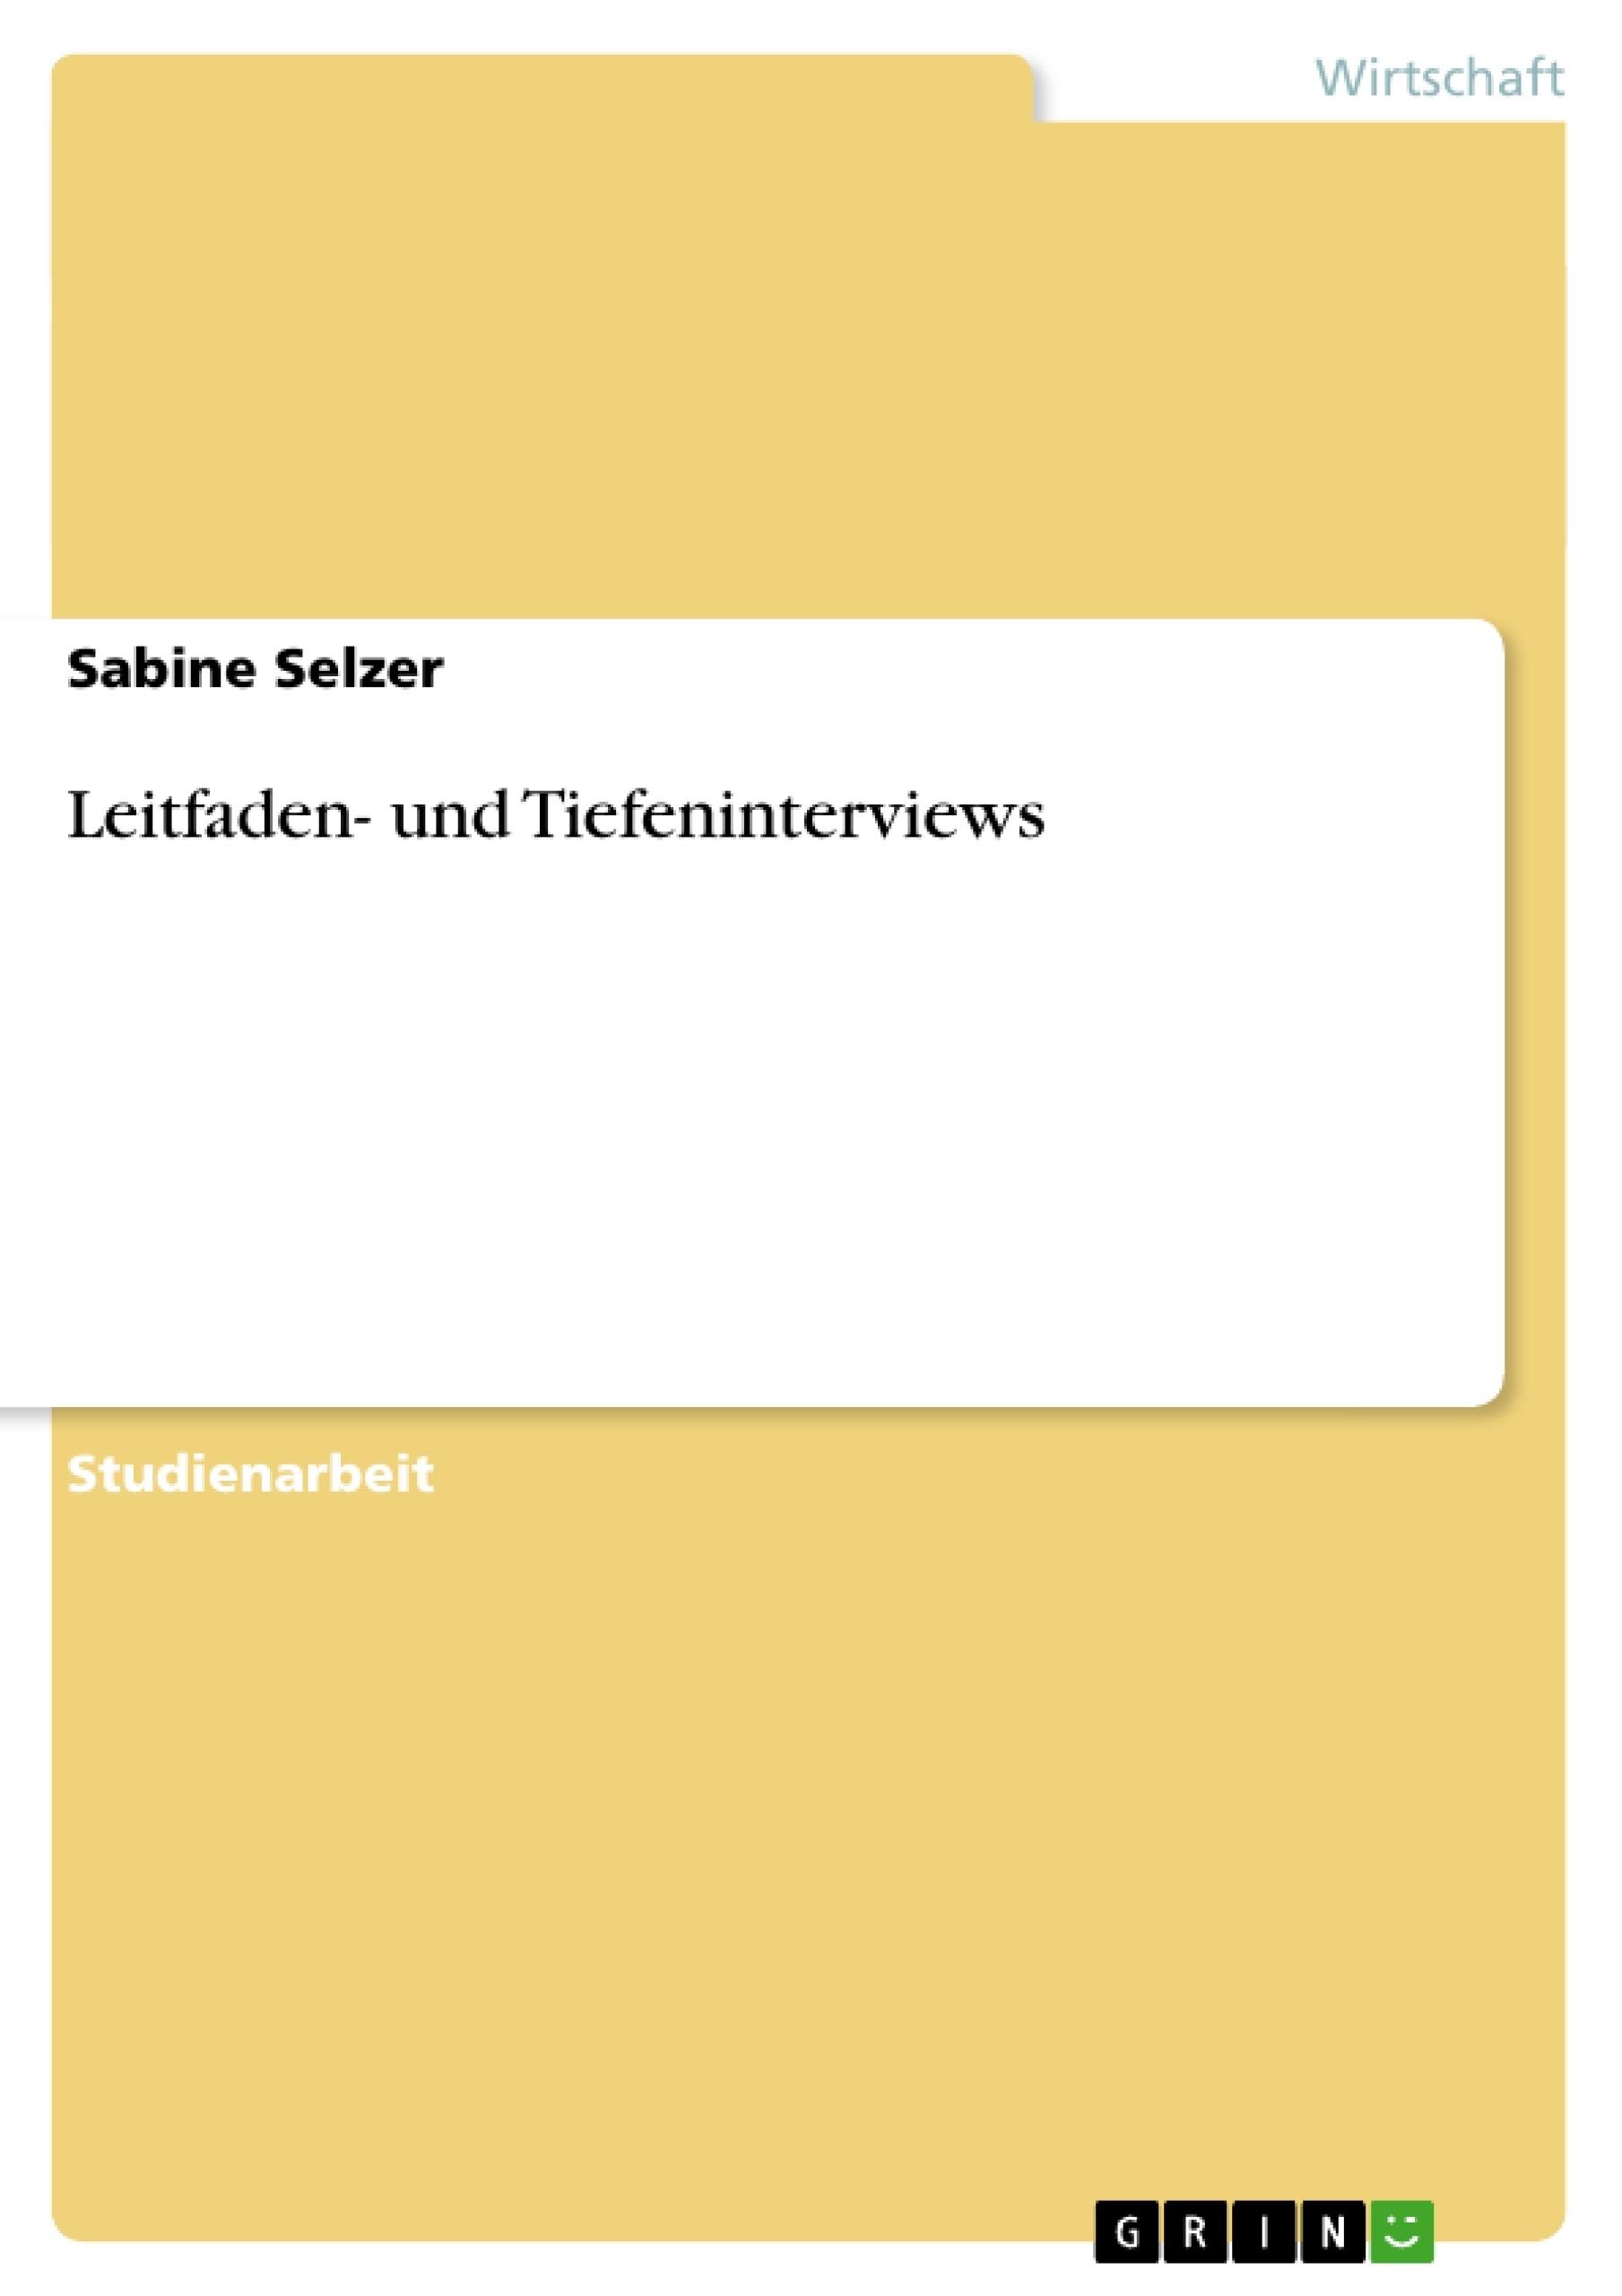 Titel: Leitfaden- und Tiefeninterviews